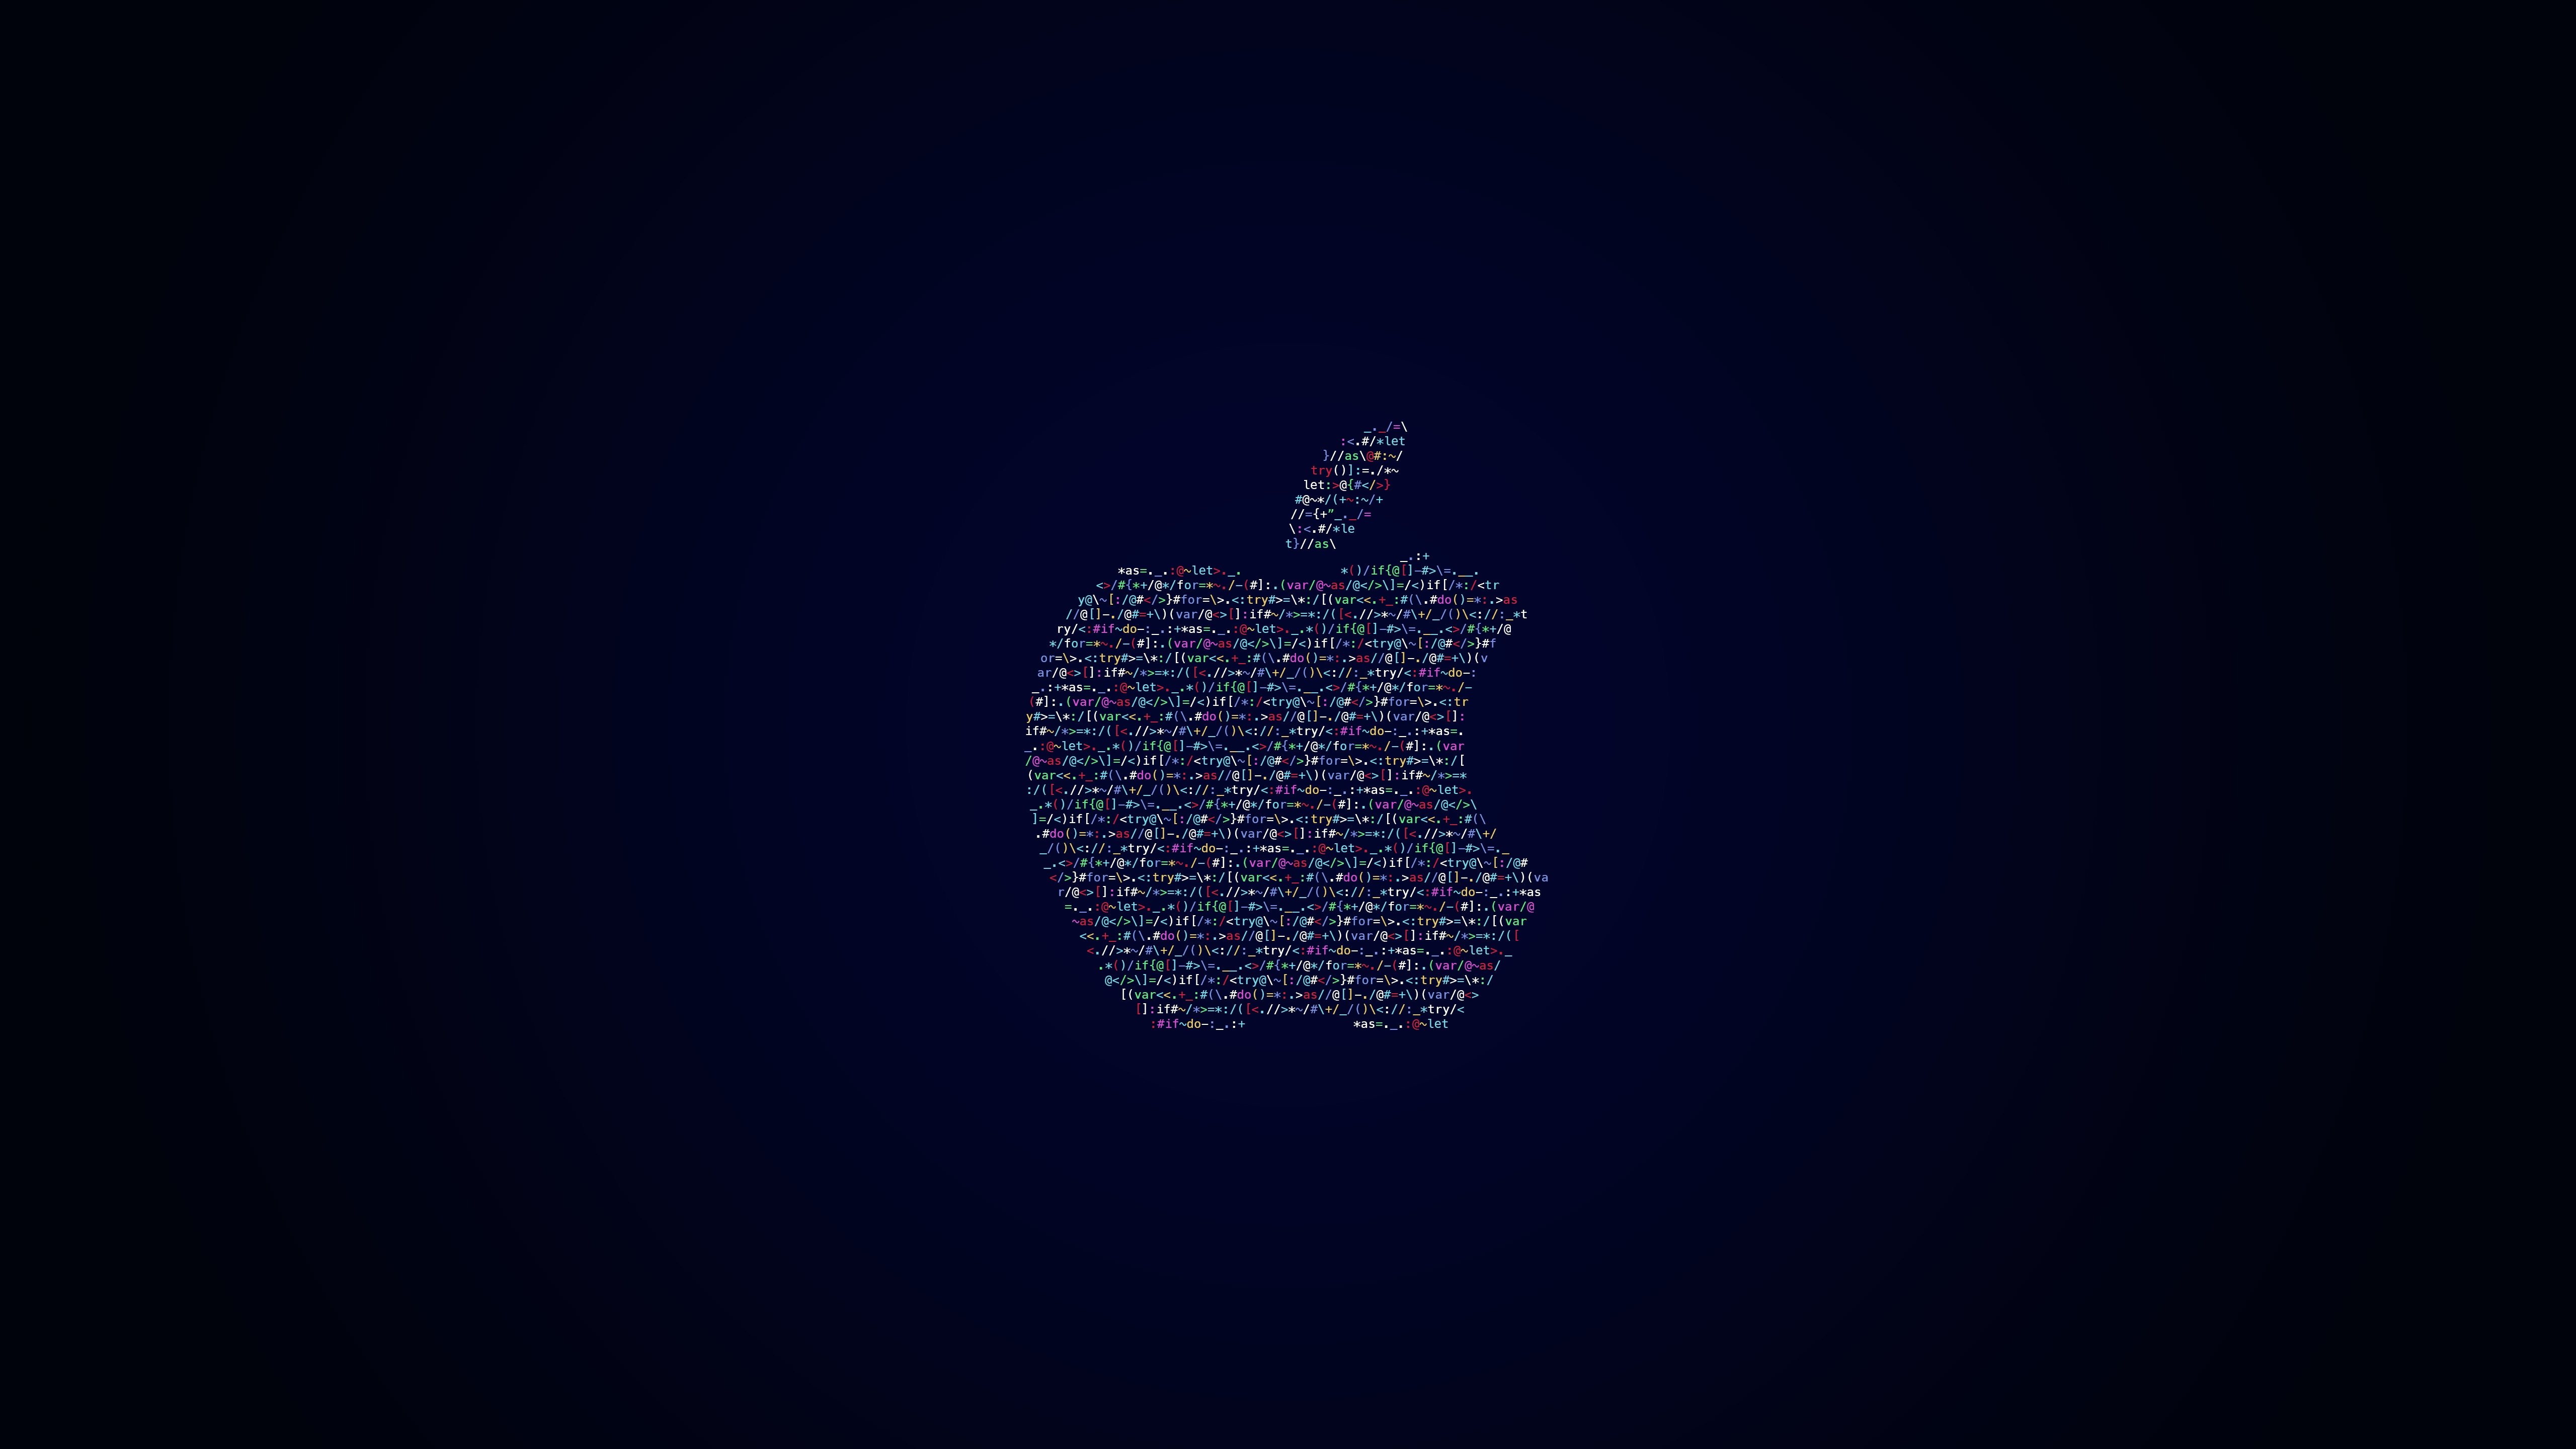 Logo da Apple feito em código